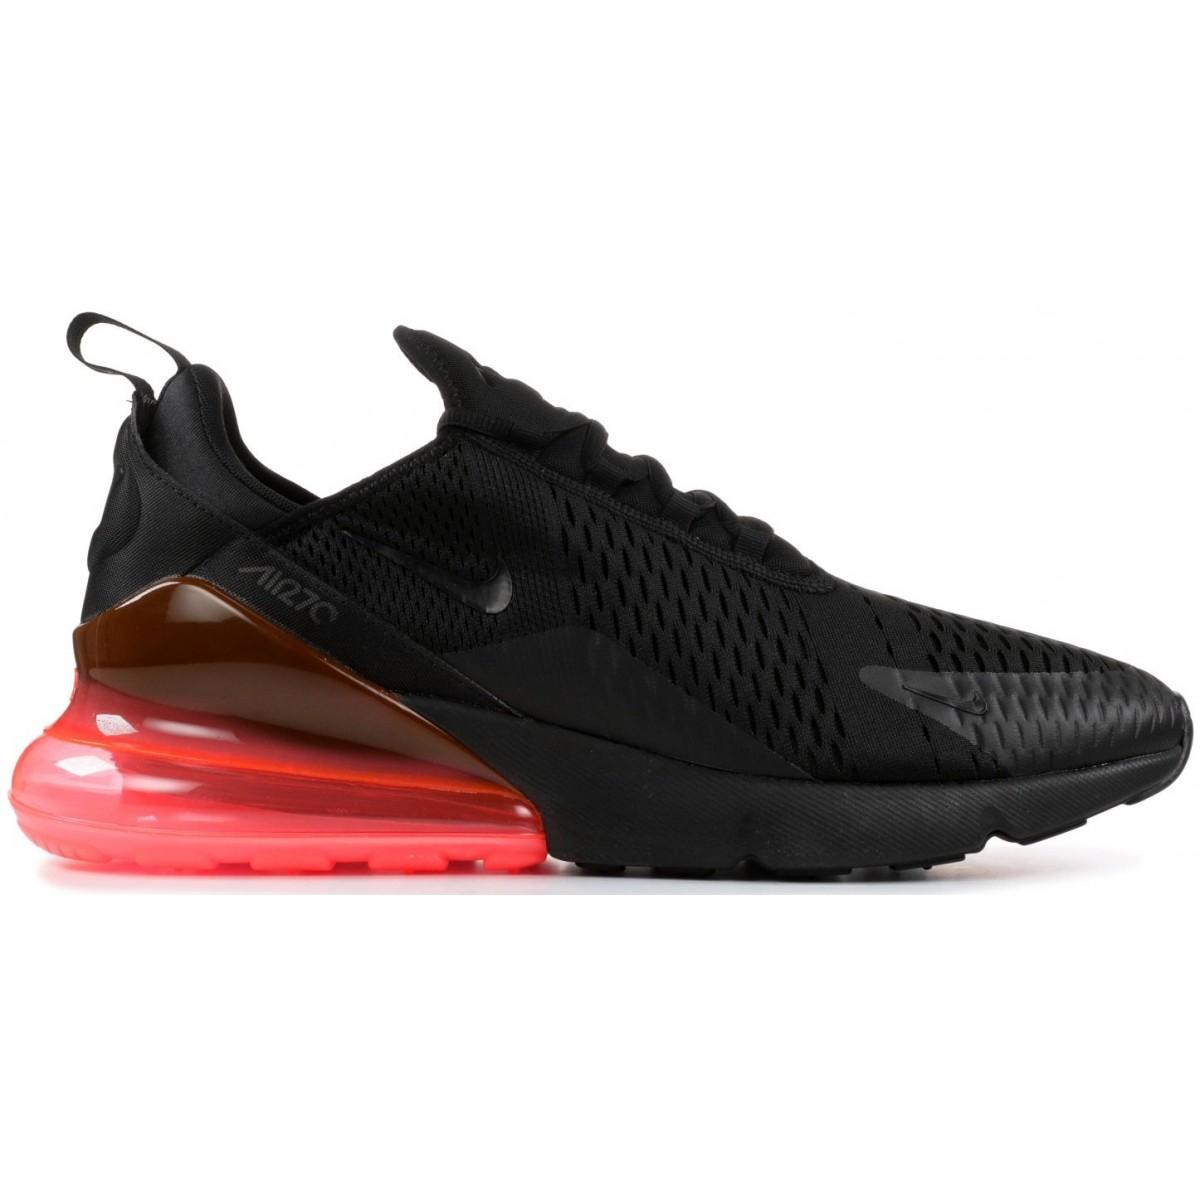 Nike Air Max 270 'Black Red' AH8050-013